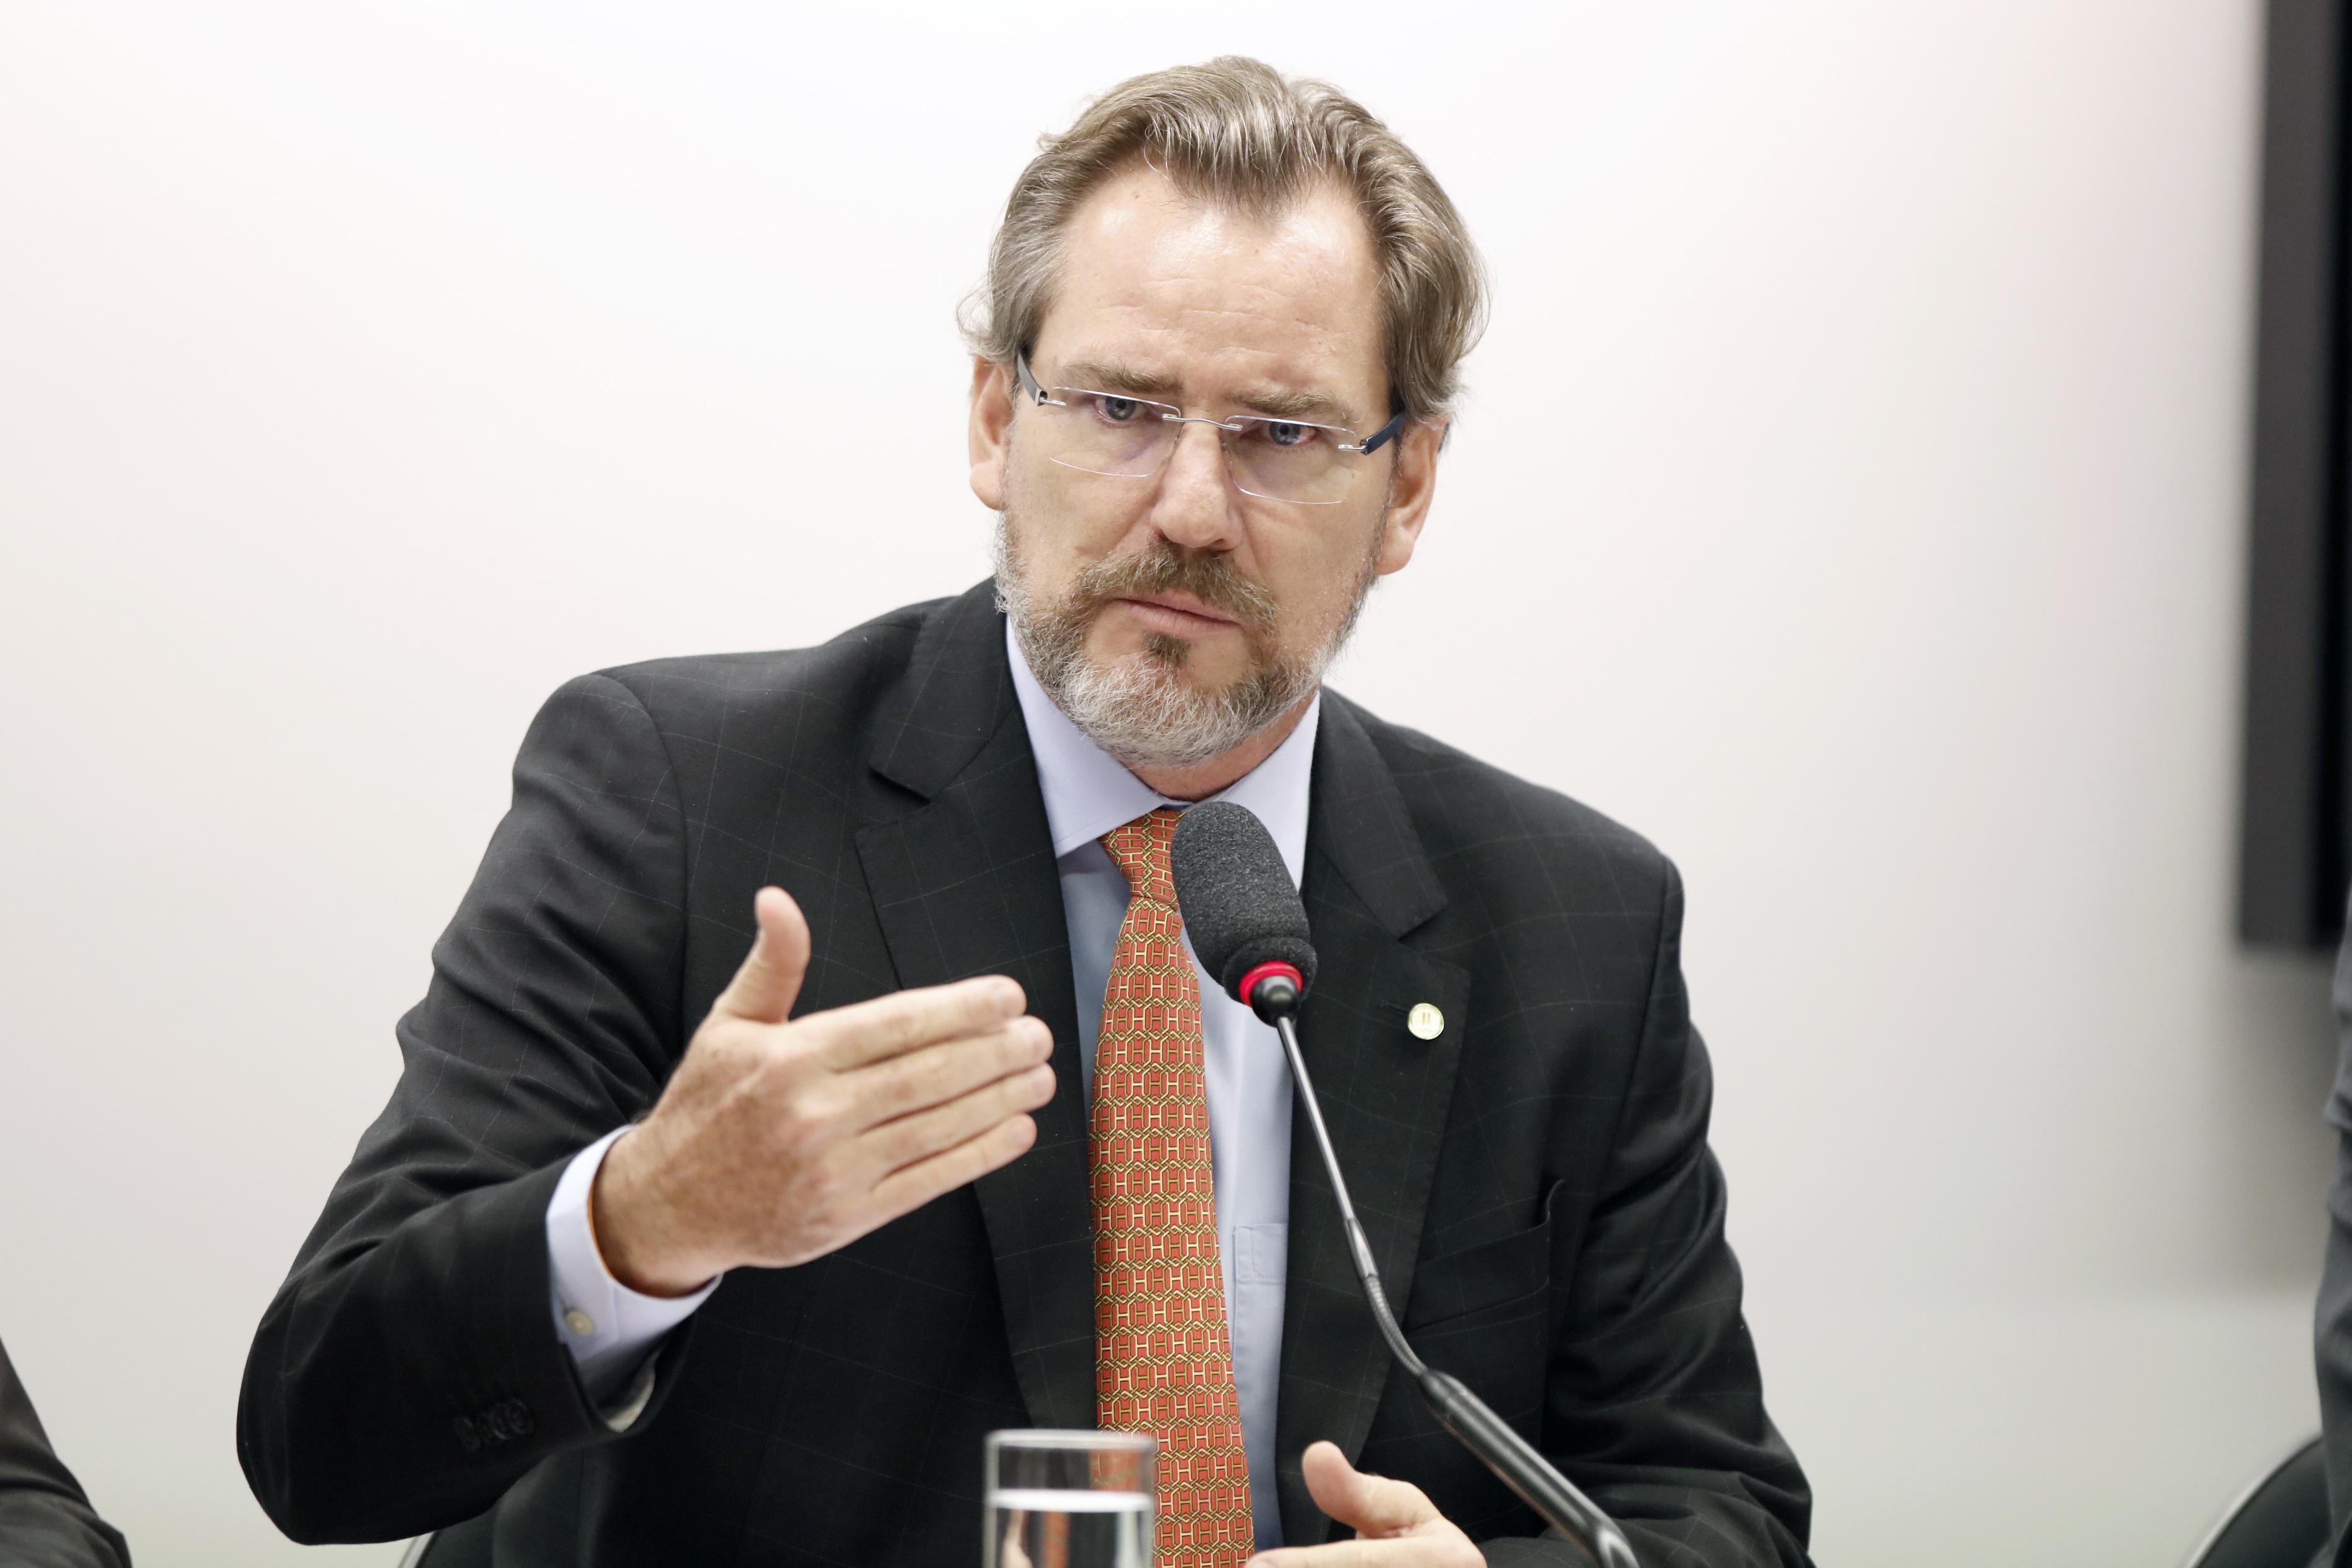 Audiência pública sobre os impactos da implantação do sistema ESocial na economia brasileira. Dep. Alexis Fonteyne (NOVO - SP)